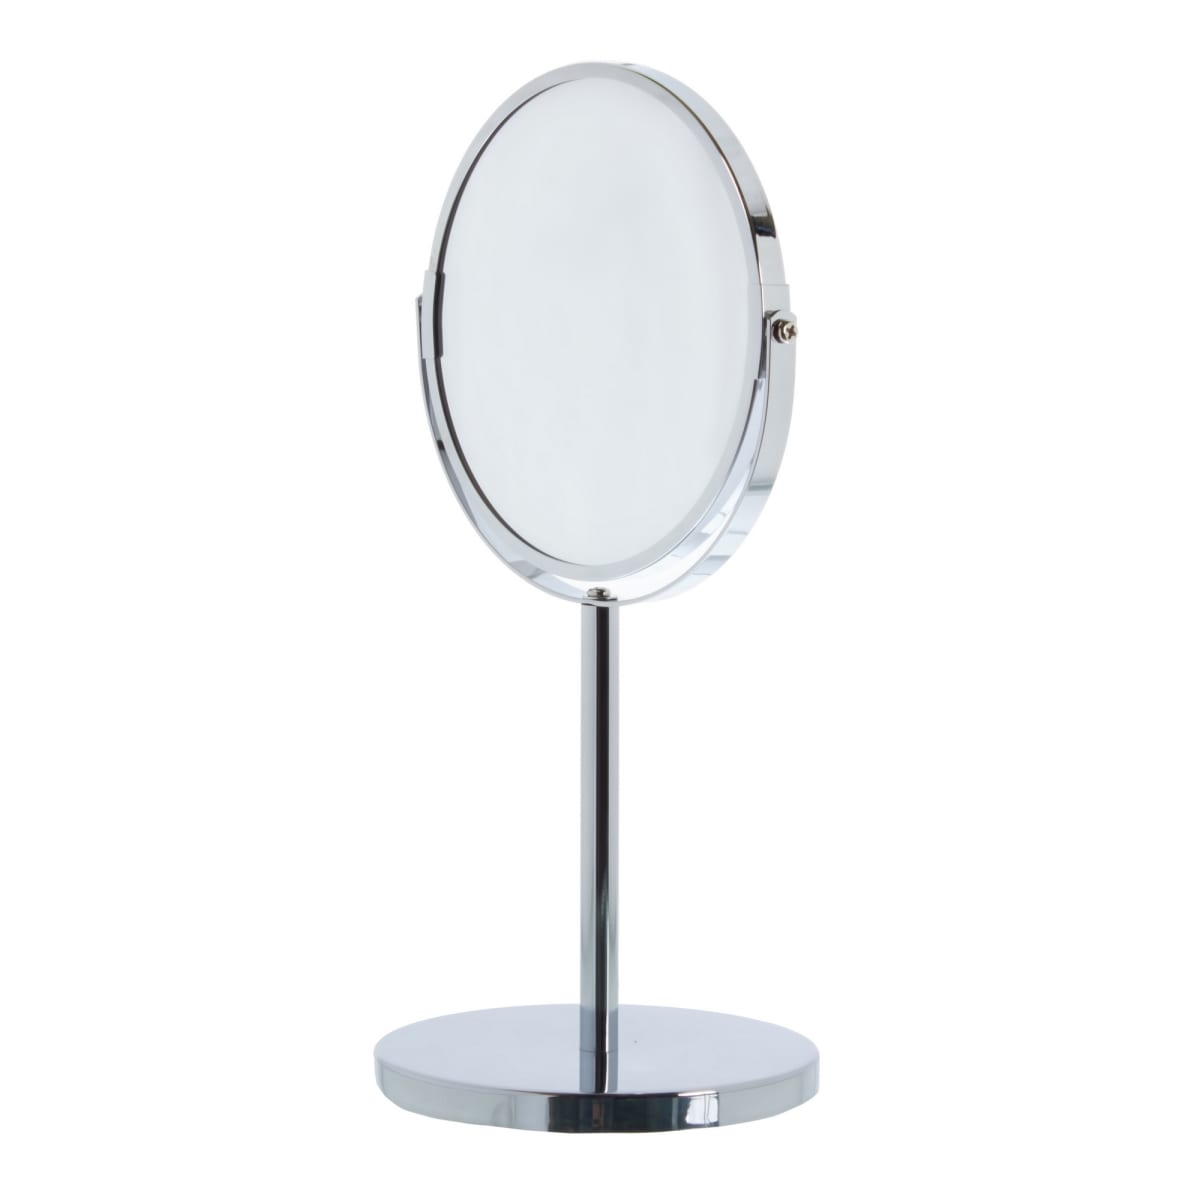 Зеркало косметическое настольное увеличительное 17 см